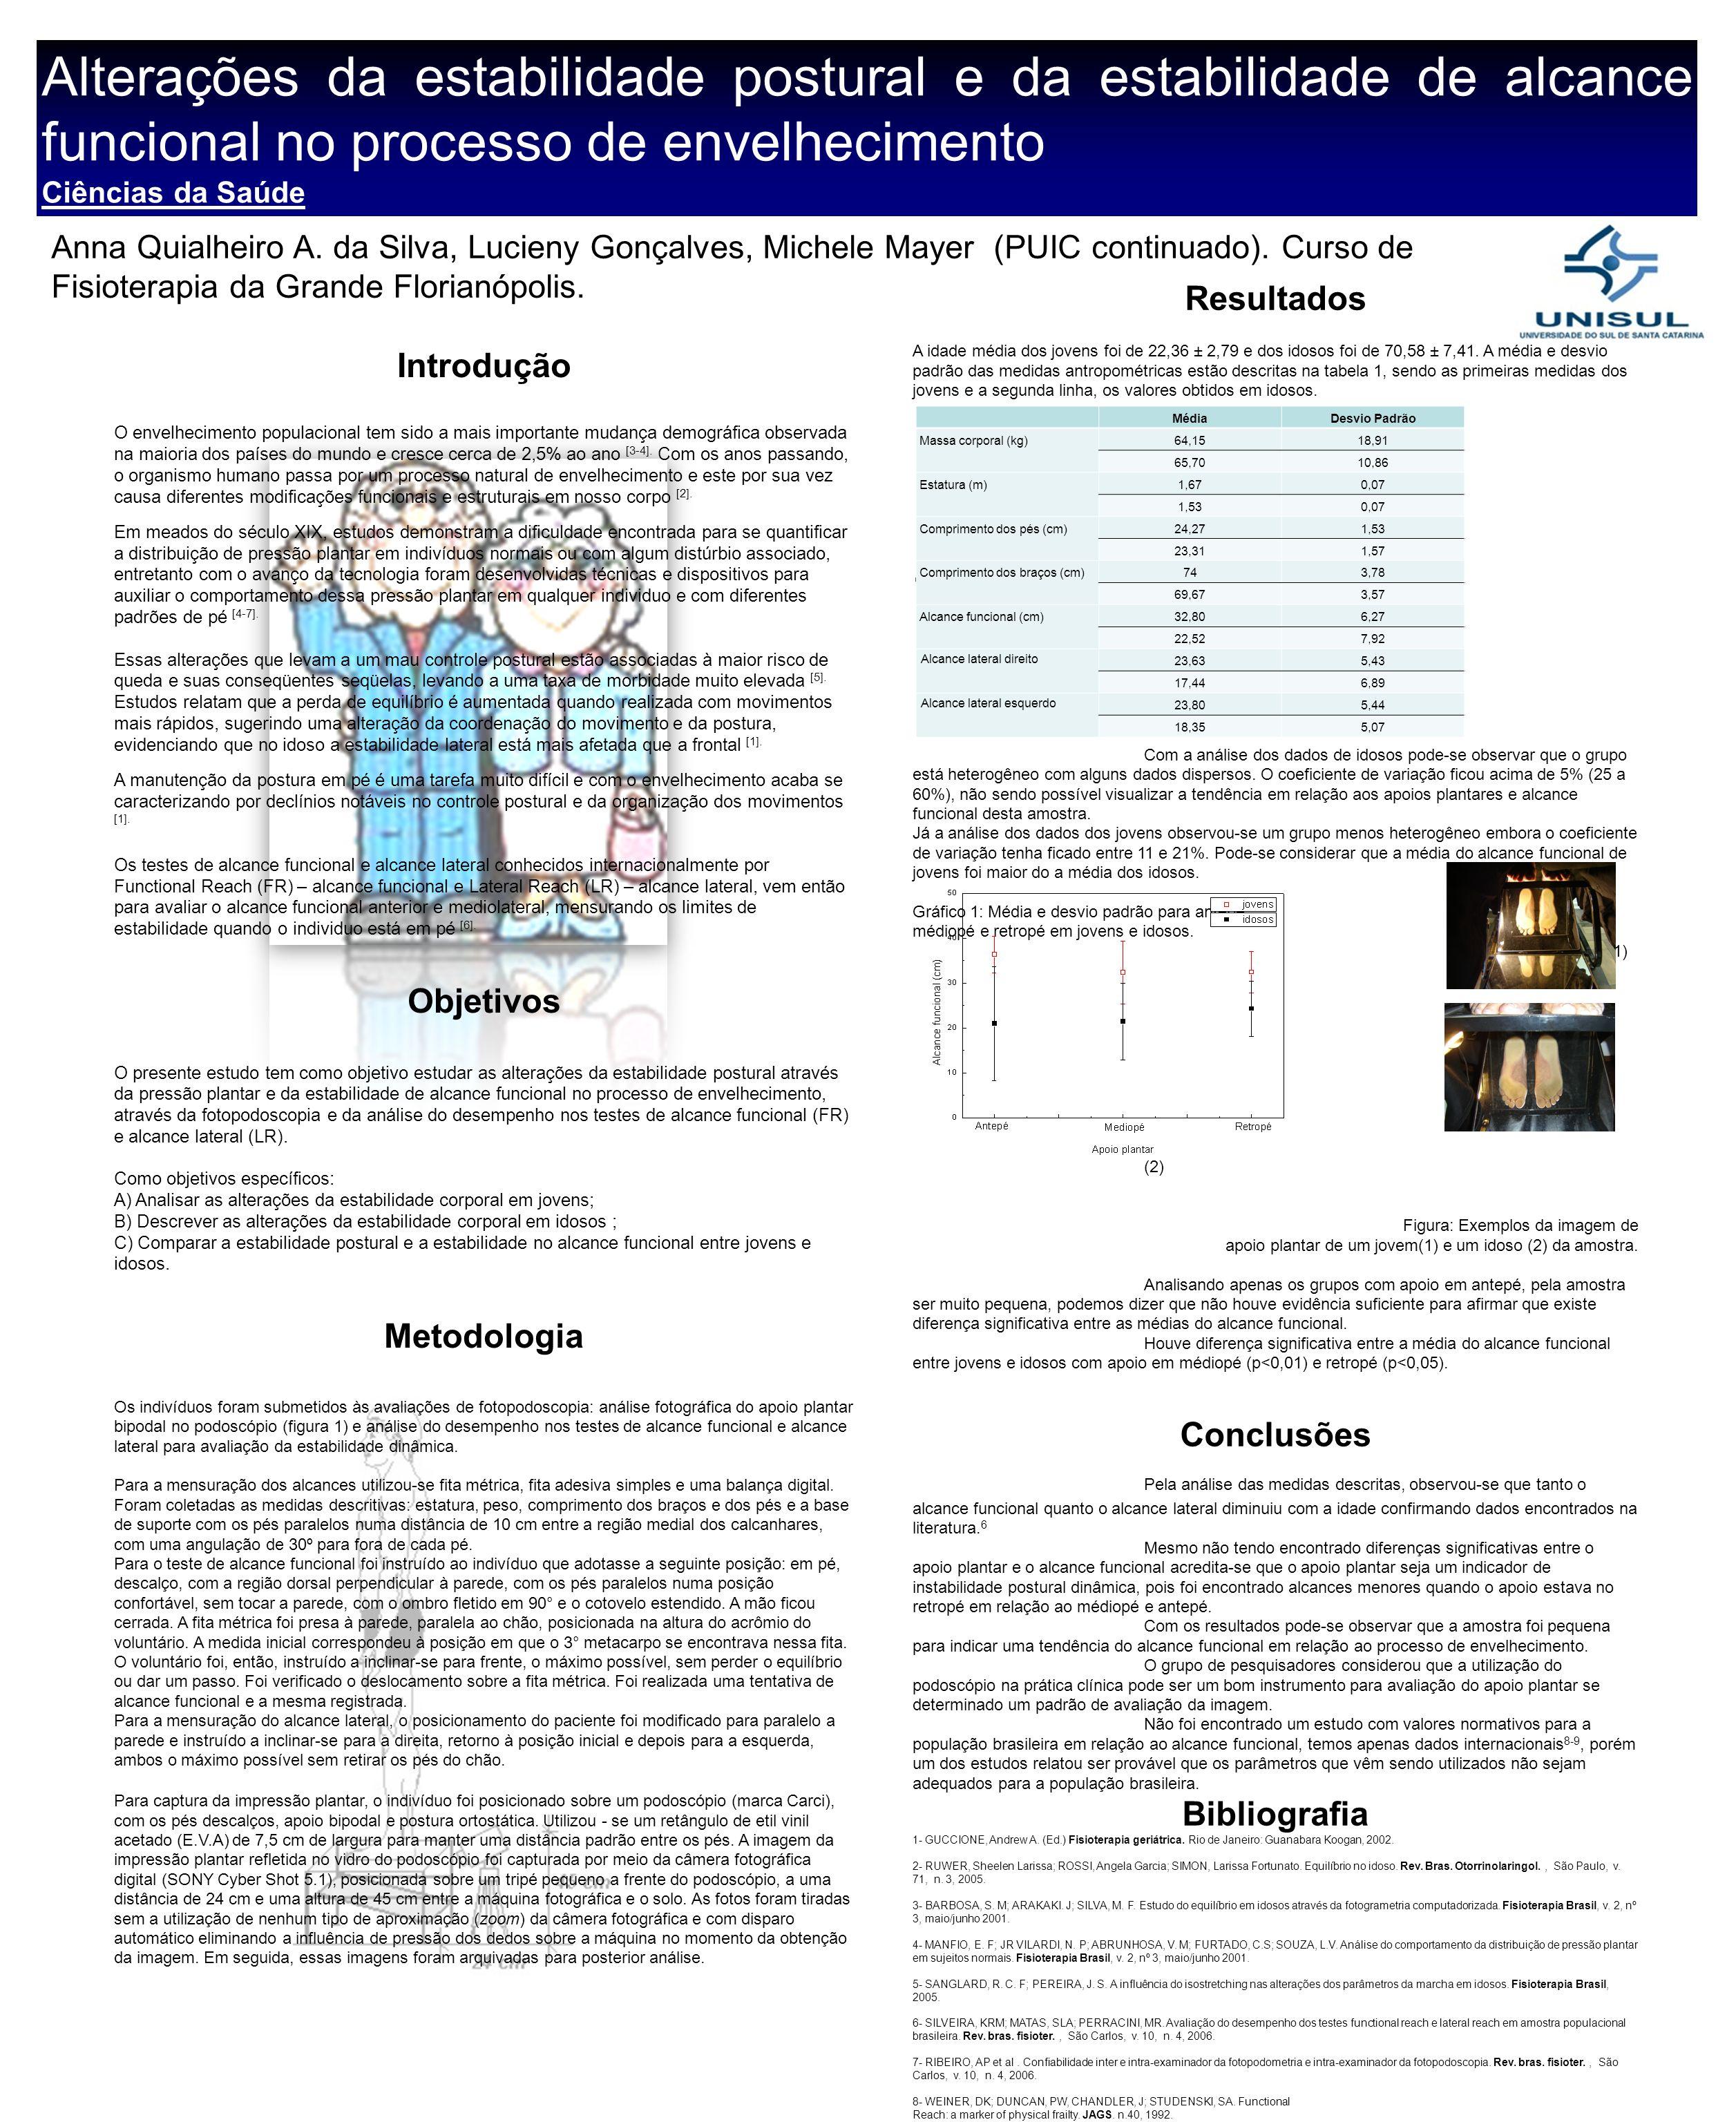 Alterações da estabilidade postural e da estabilidade de alcance funcional no processo de envelhecimento